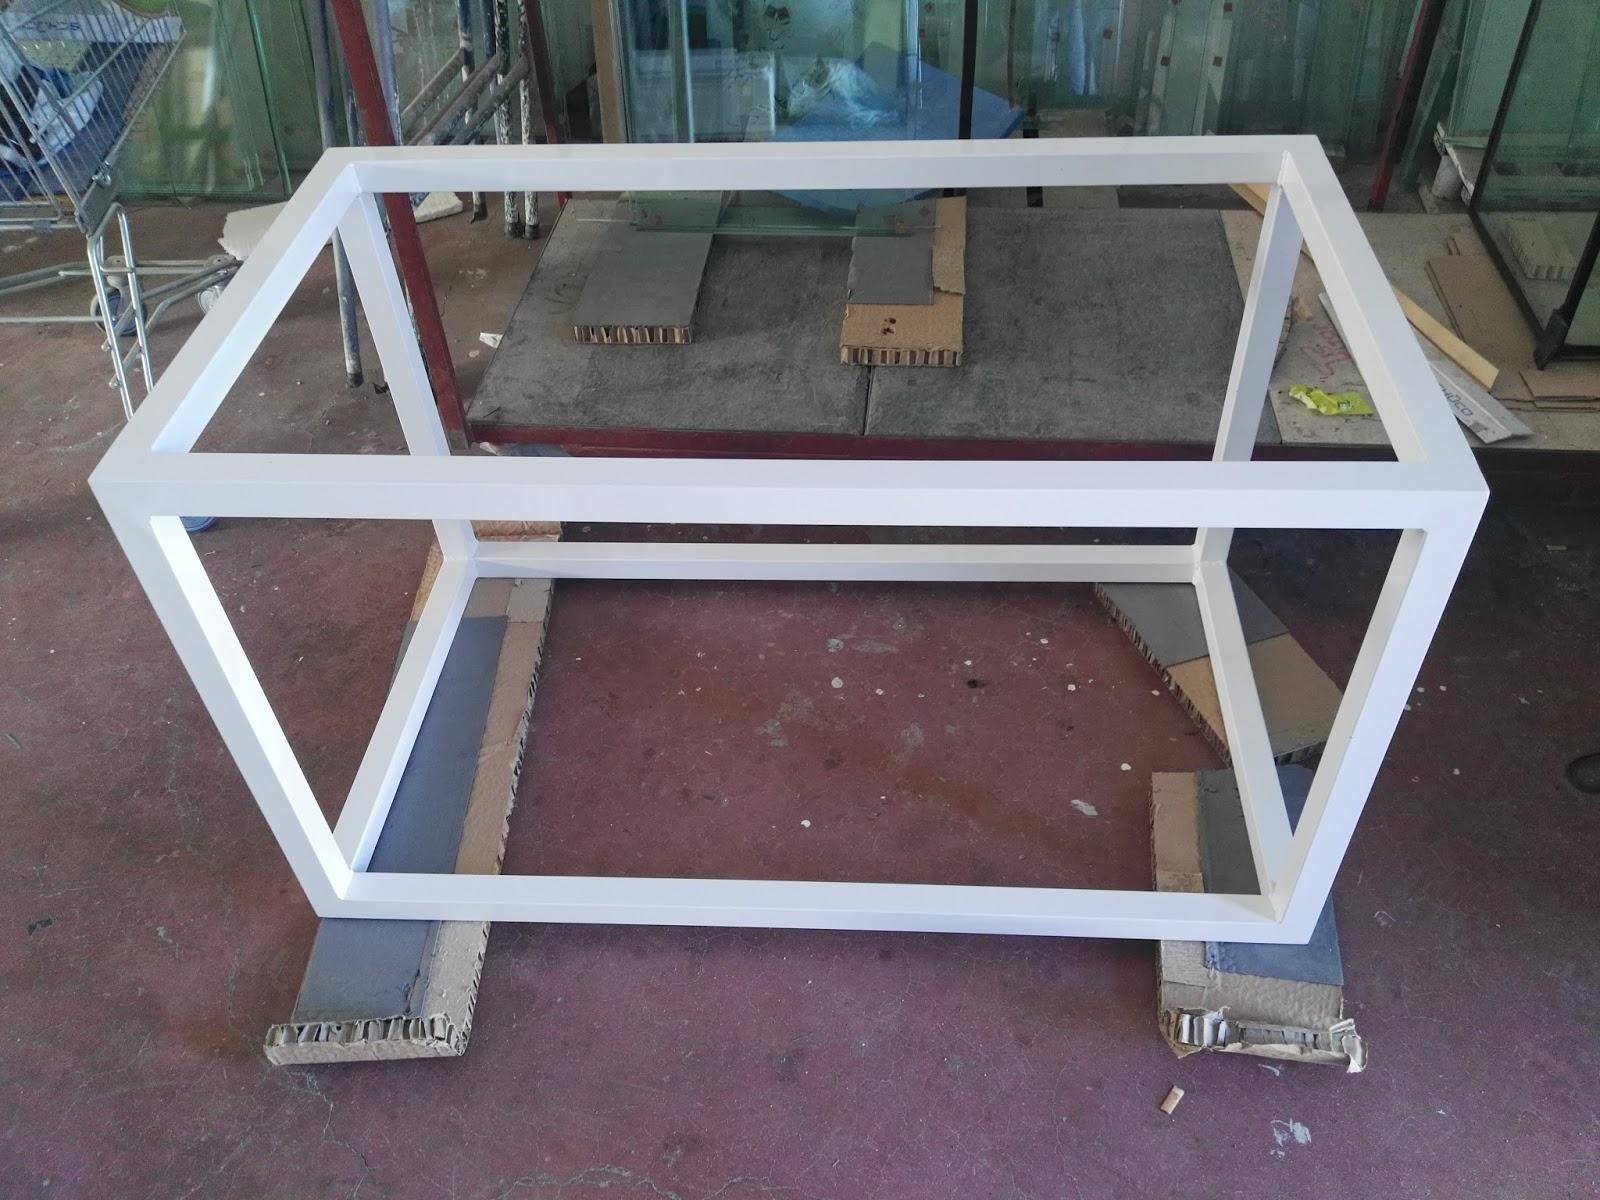 Acuario a medida mesas y estructuras para acuarios - Estructuras para mesas ...